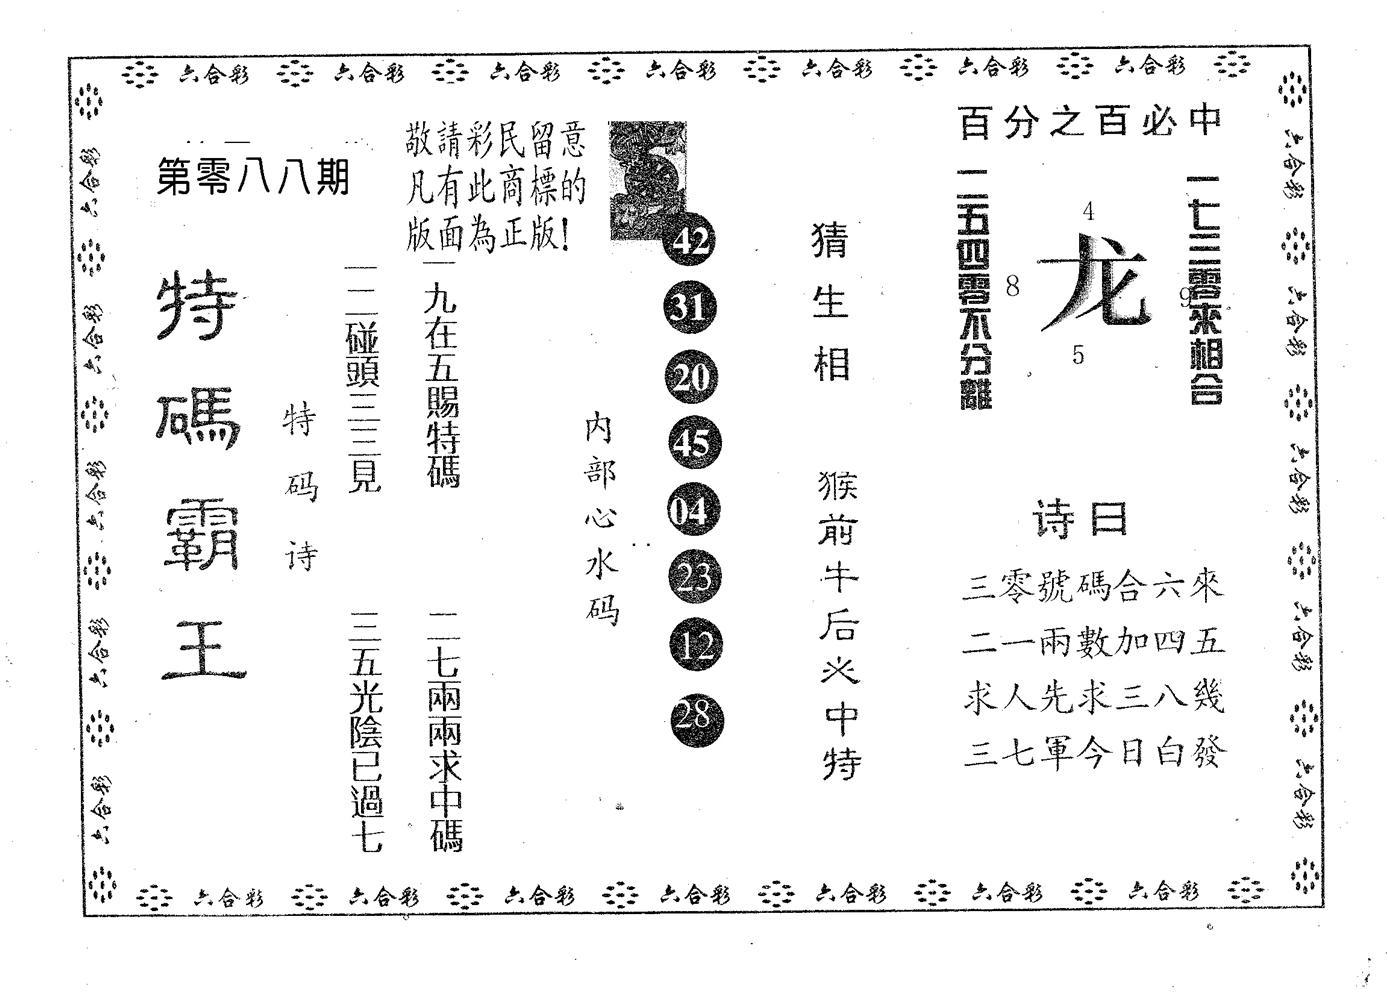 088期特码霸王A(黑白)